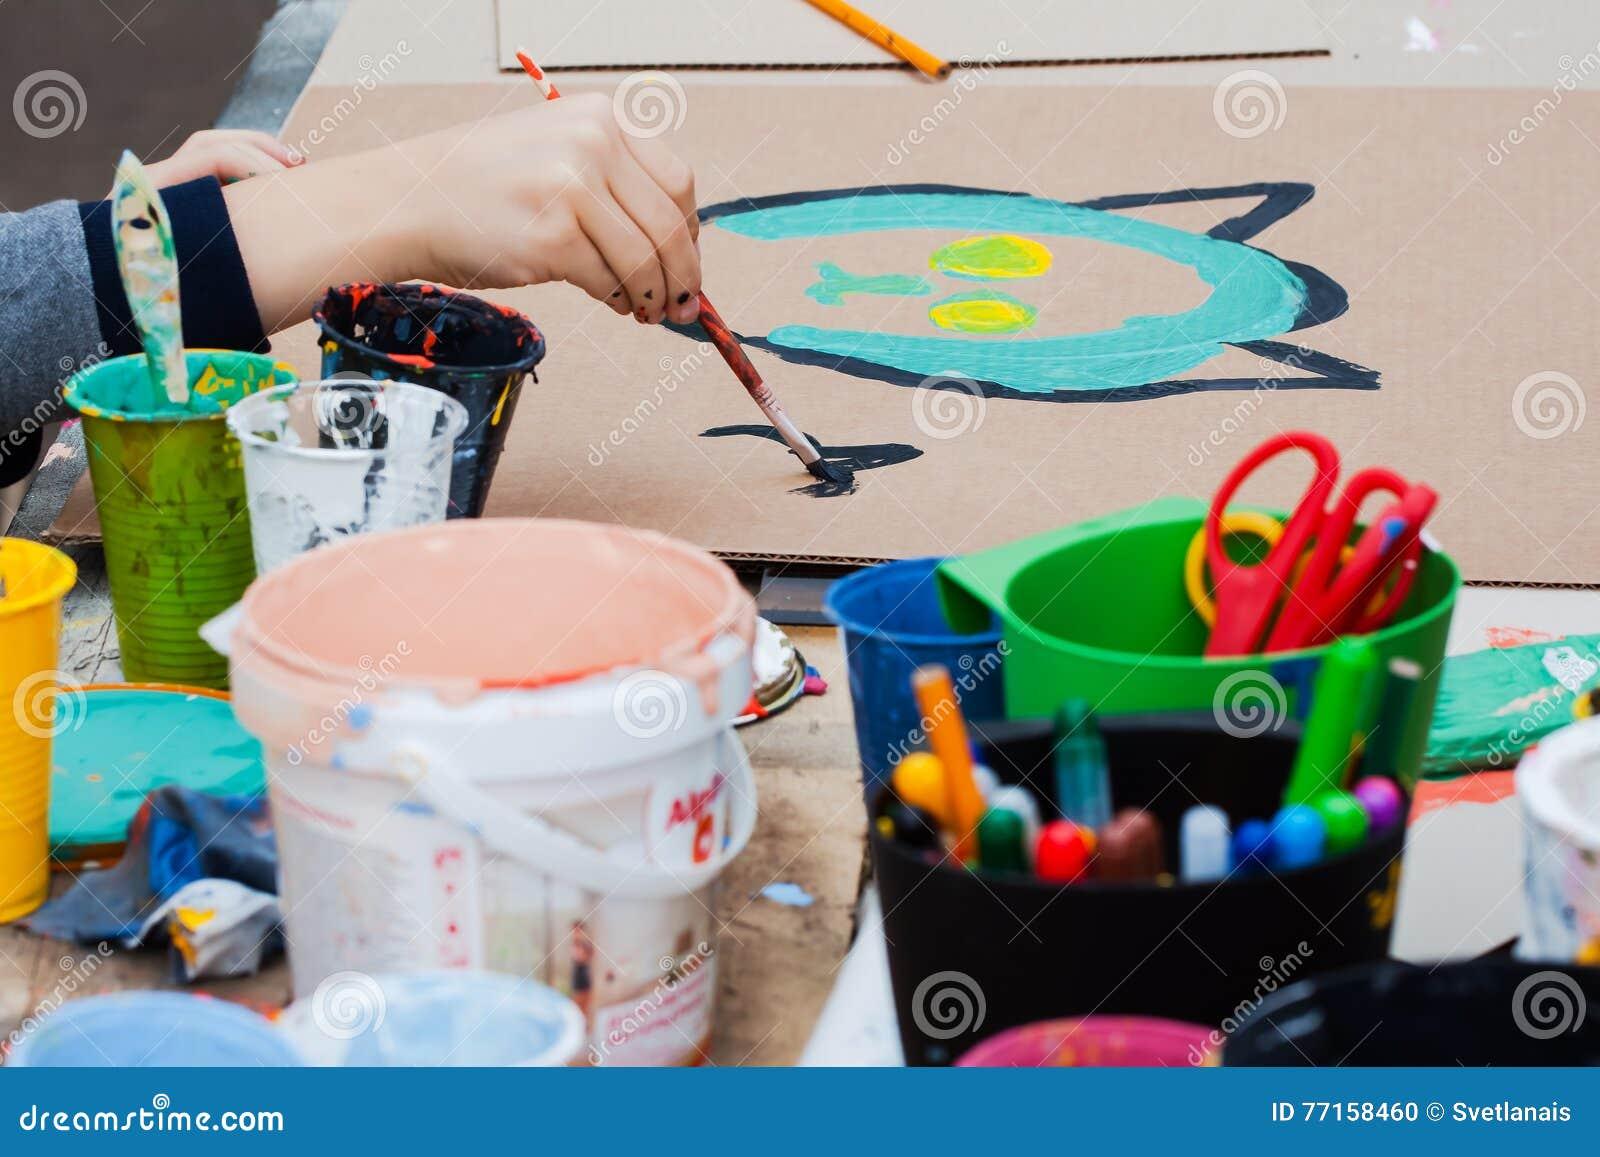 Disegno Di Un Bambino : Closeup di disegno di un bambino fotografie stock freeimages